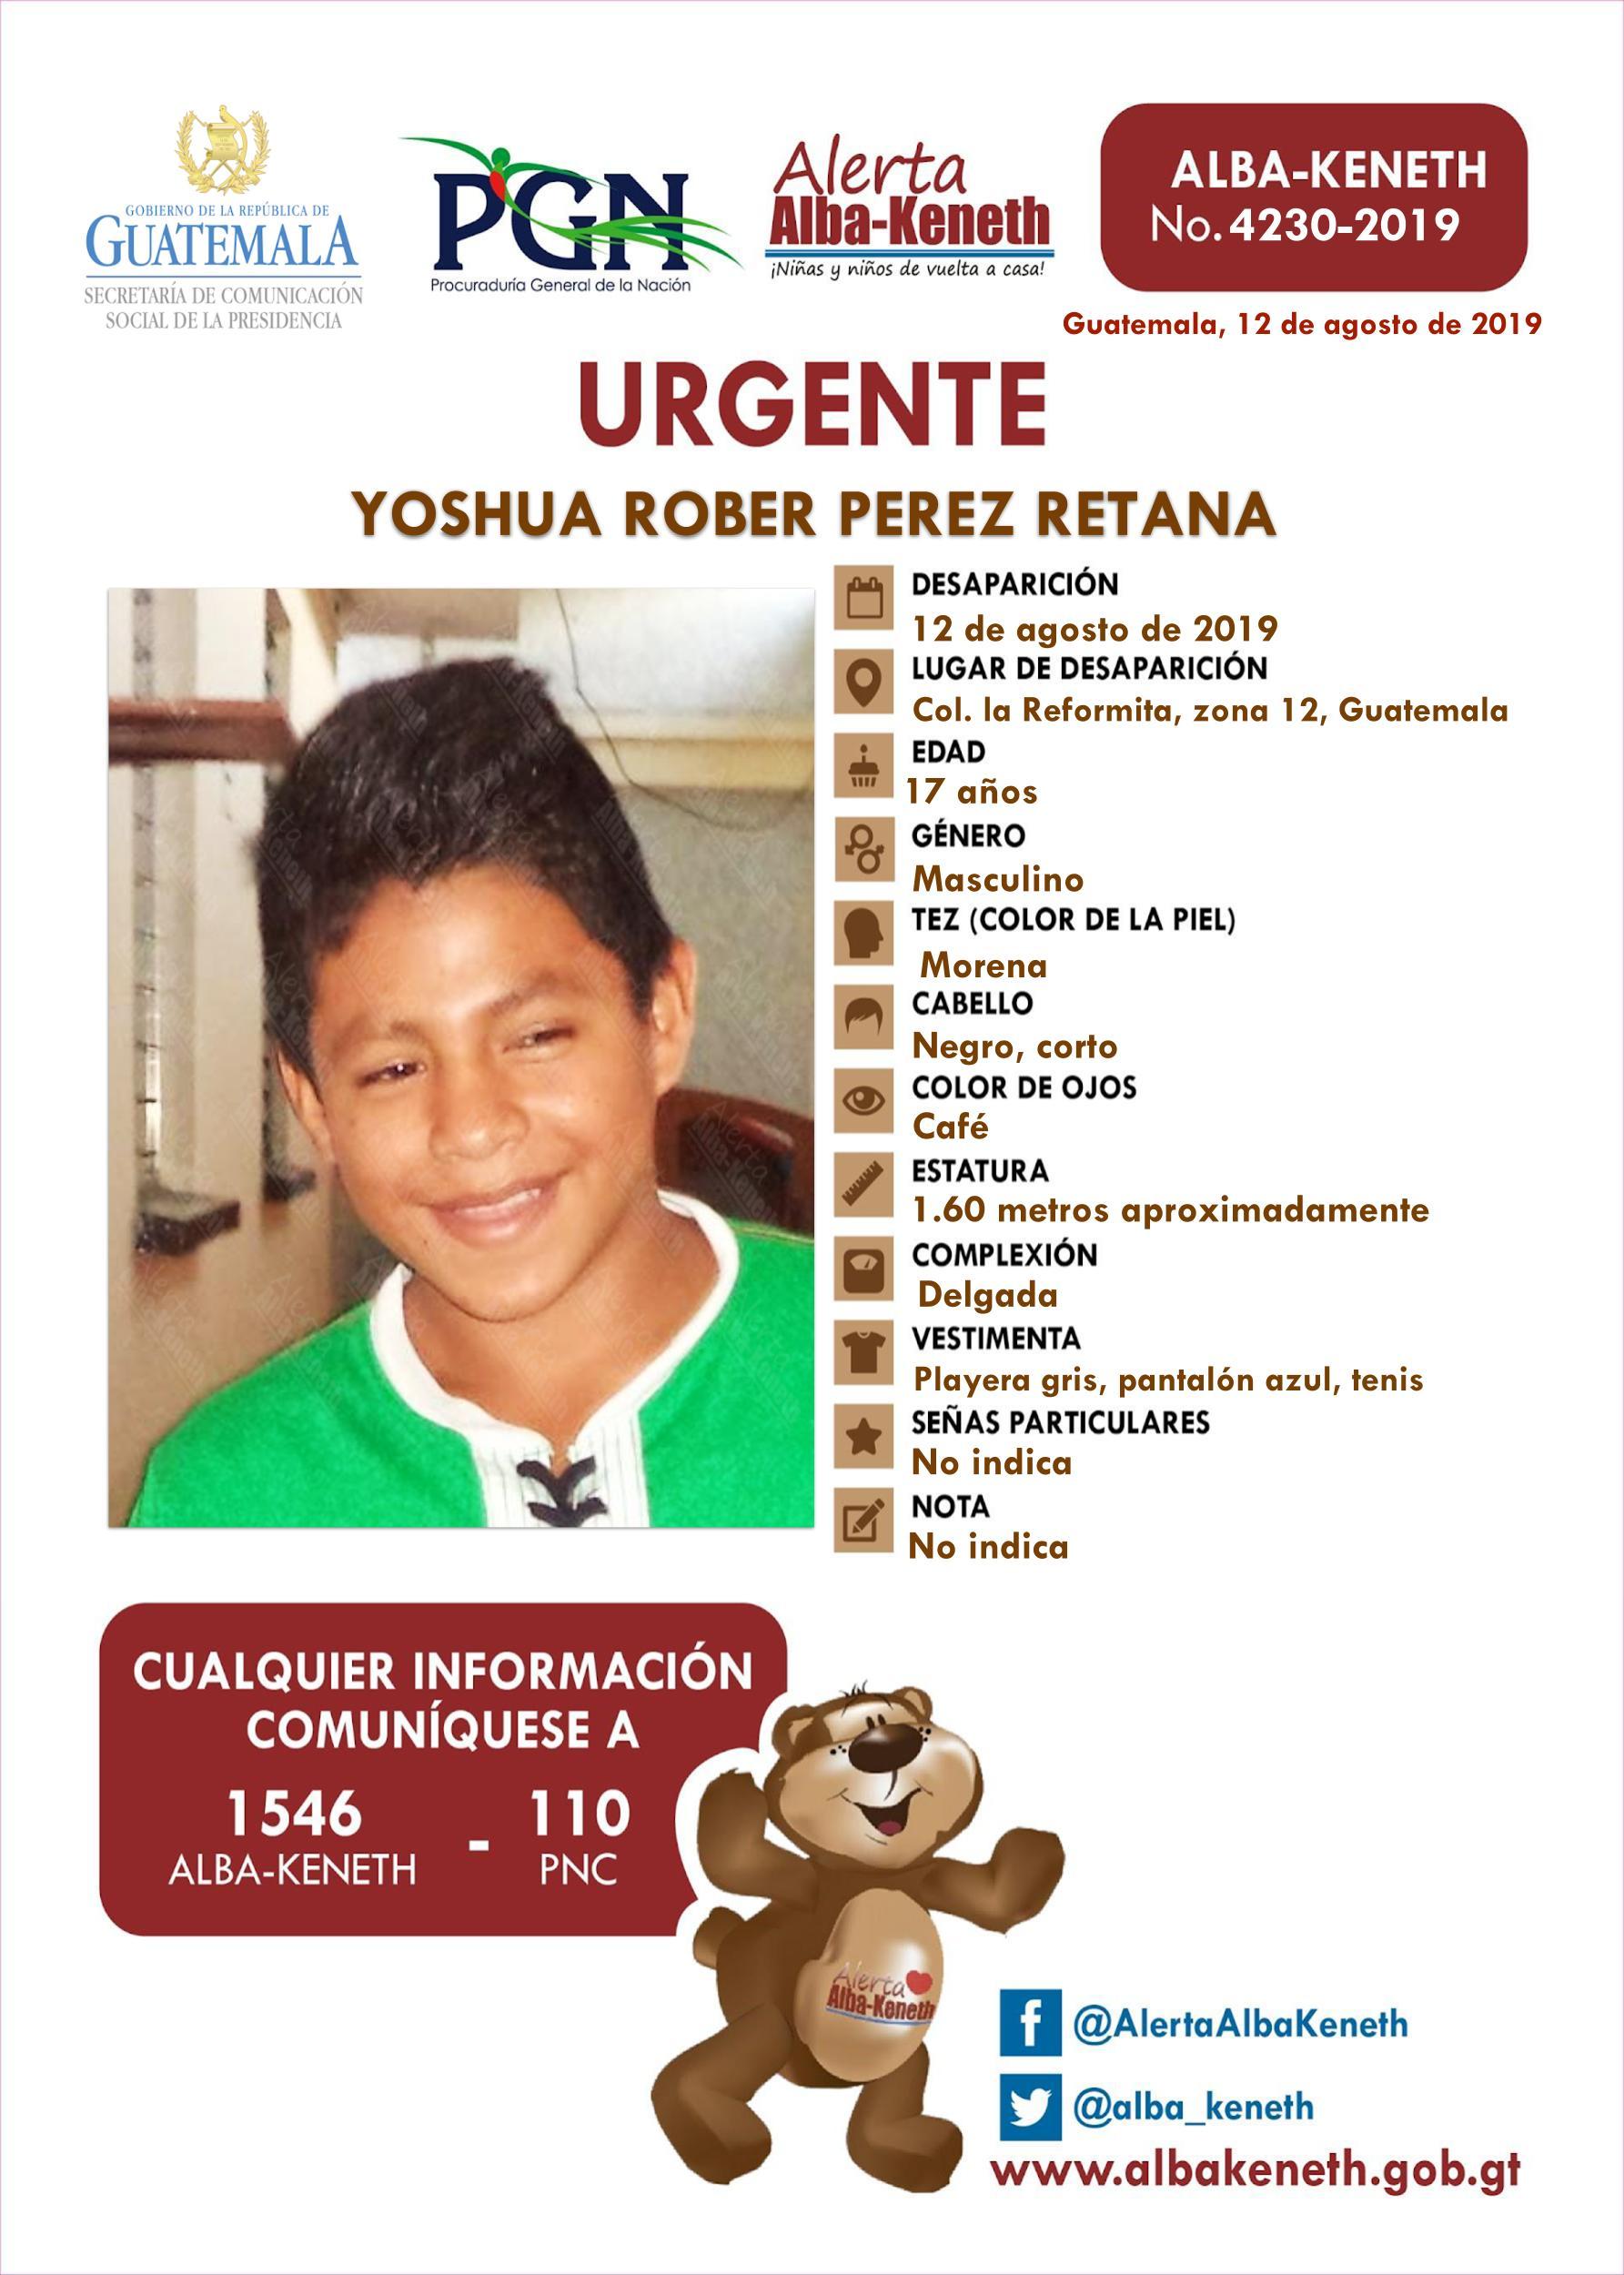 Yoshua Rober Perez Retana